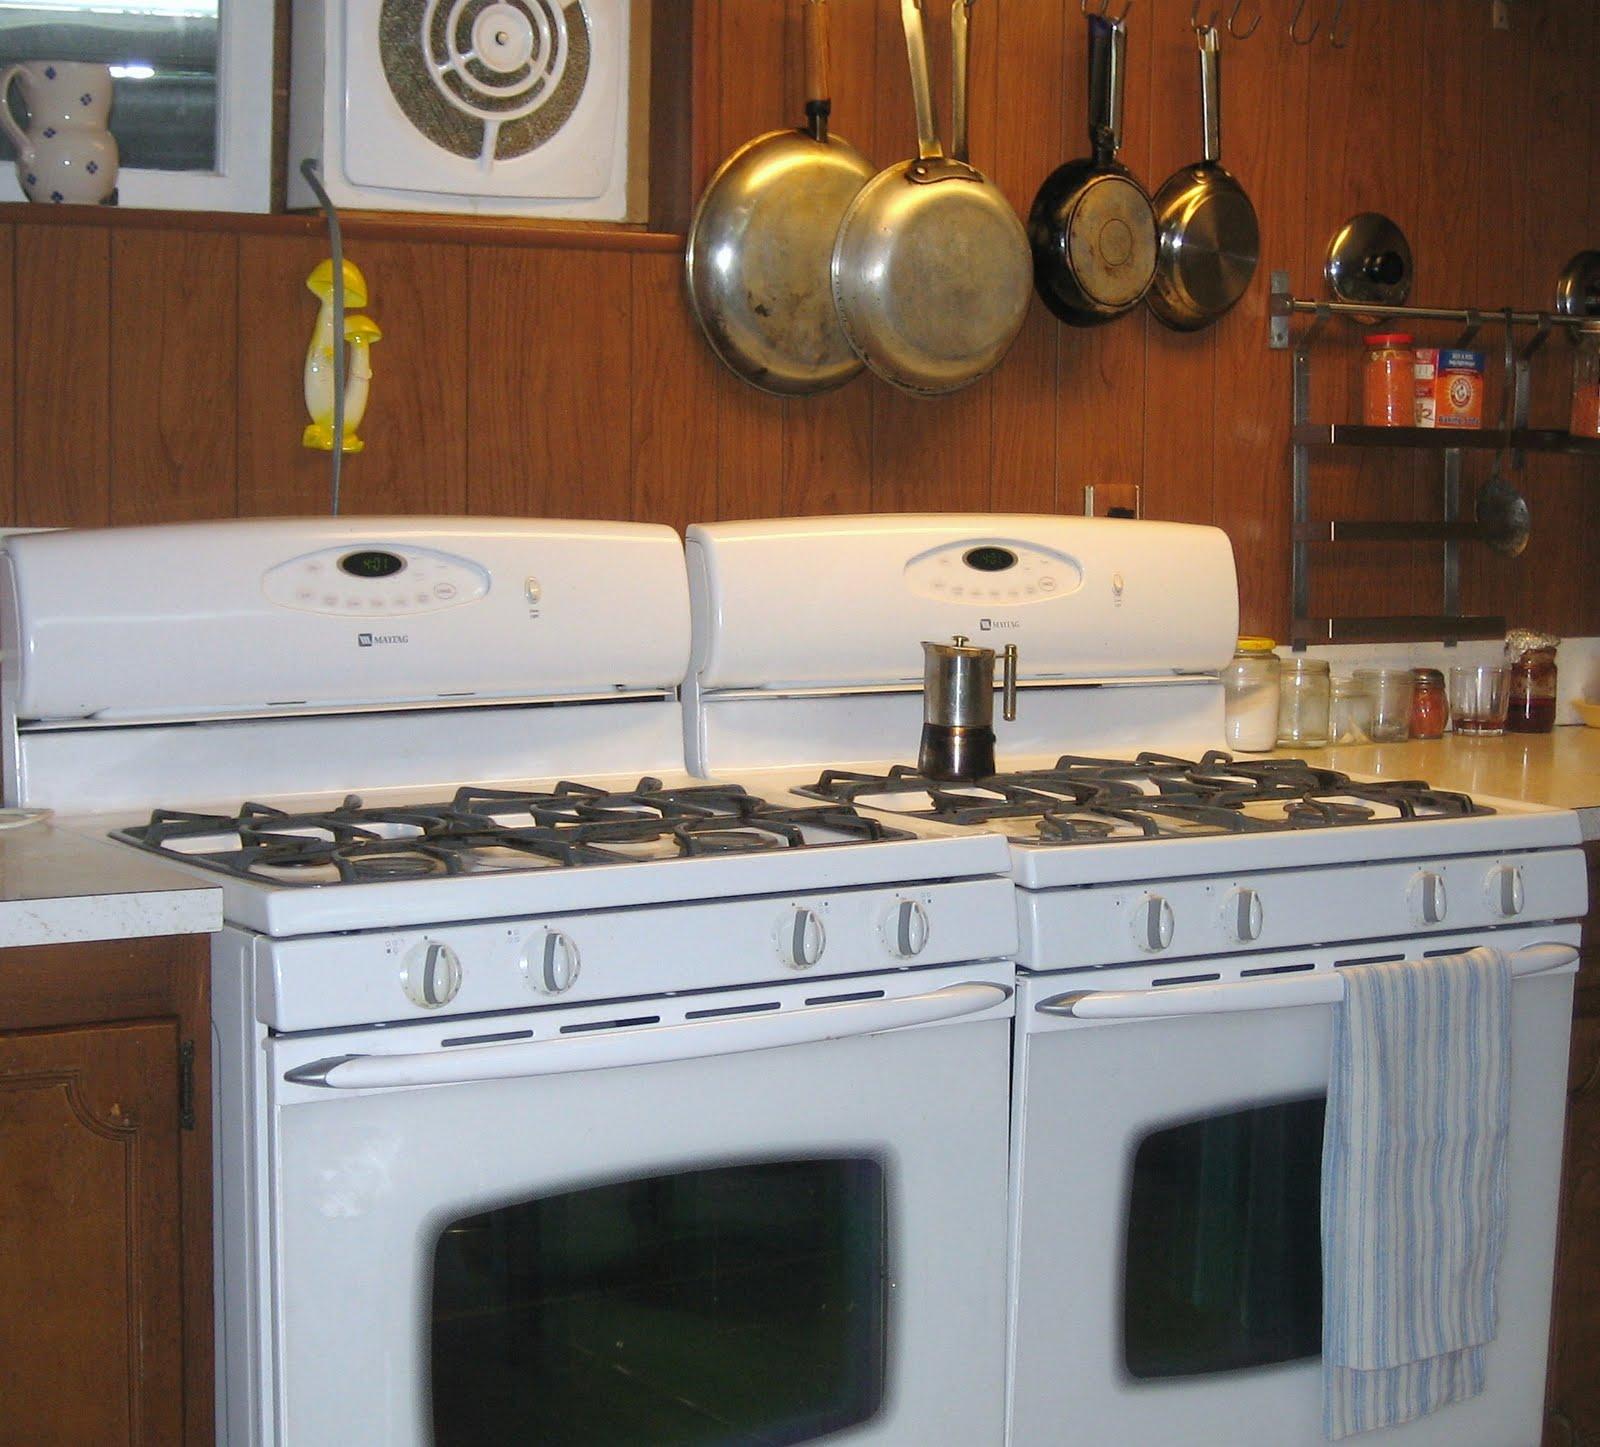 Kitchen Stoves: LA CASA E IL GIARDINO: Does A $5,000 Stove Make The Cook?